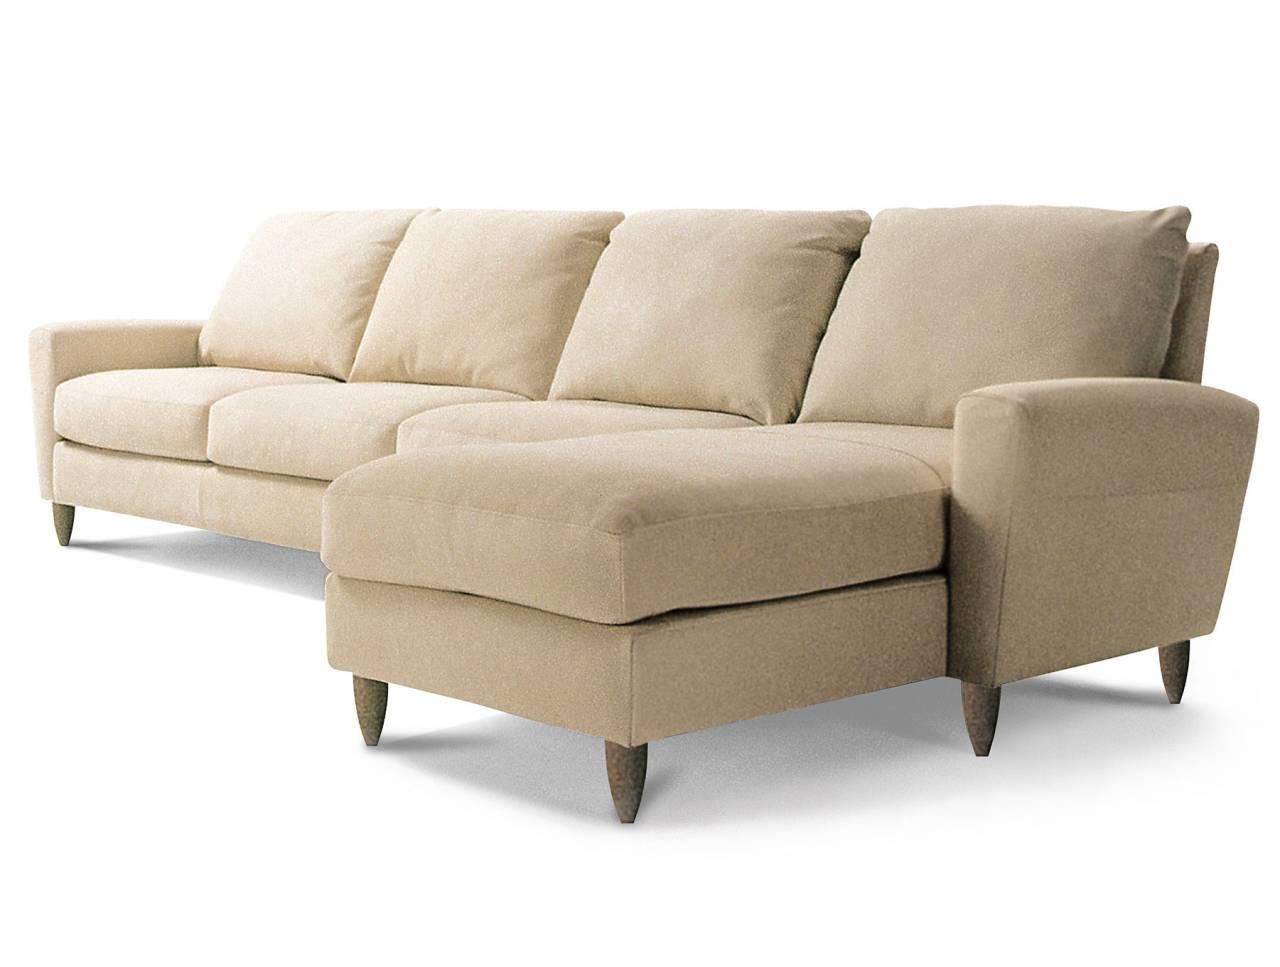 bennet-sofa